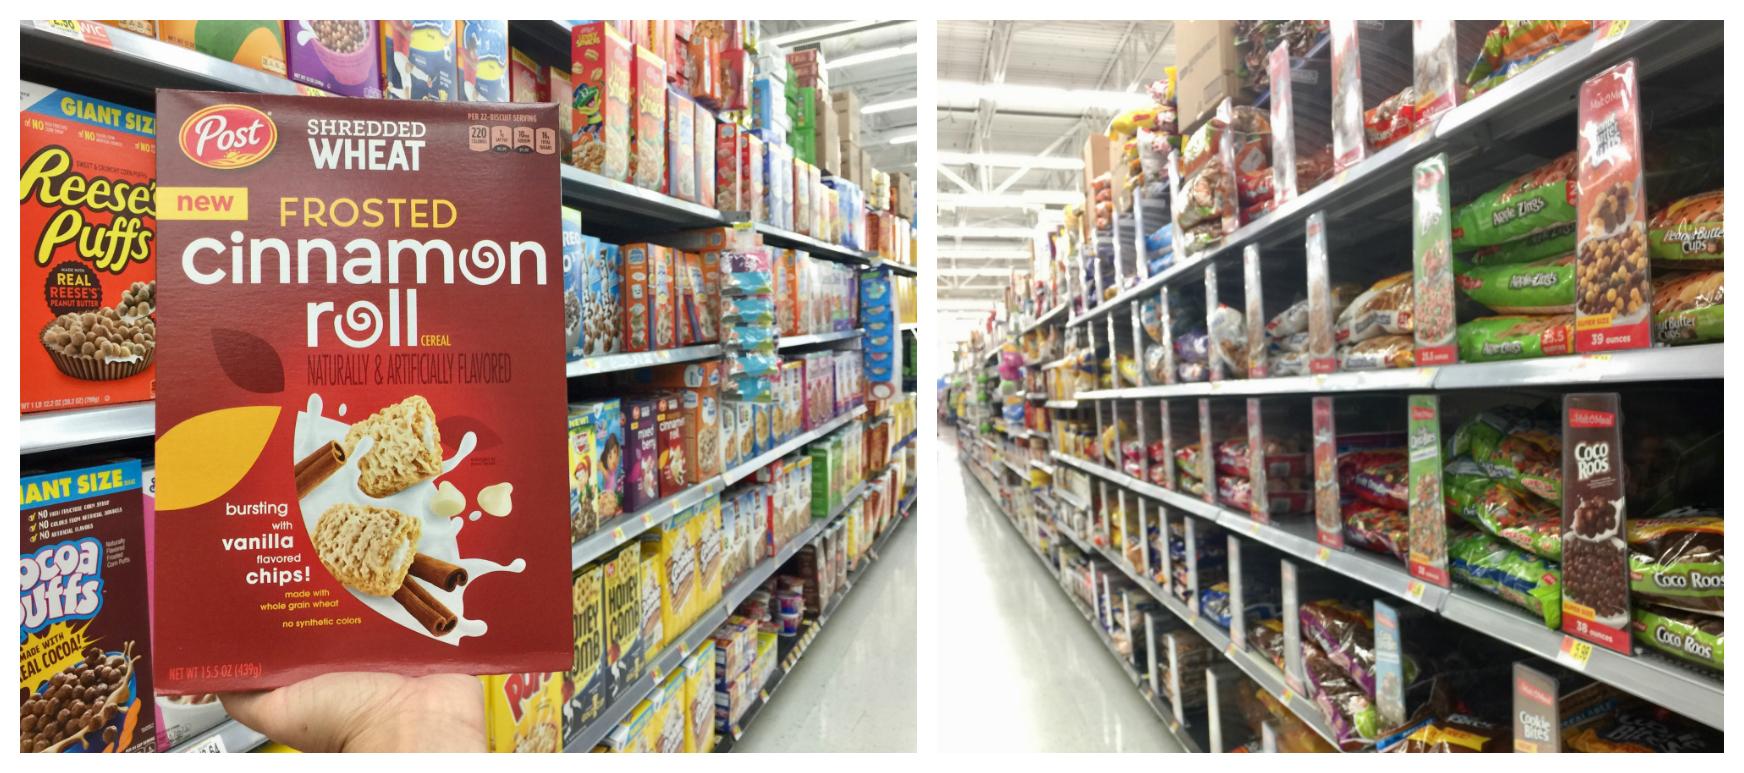 post cereal al Walmart